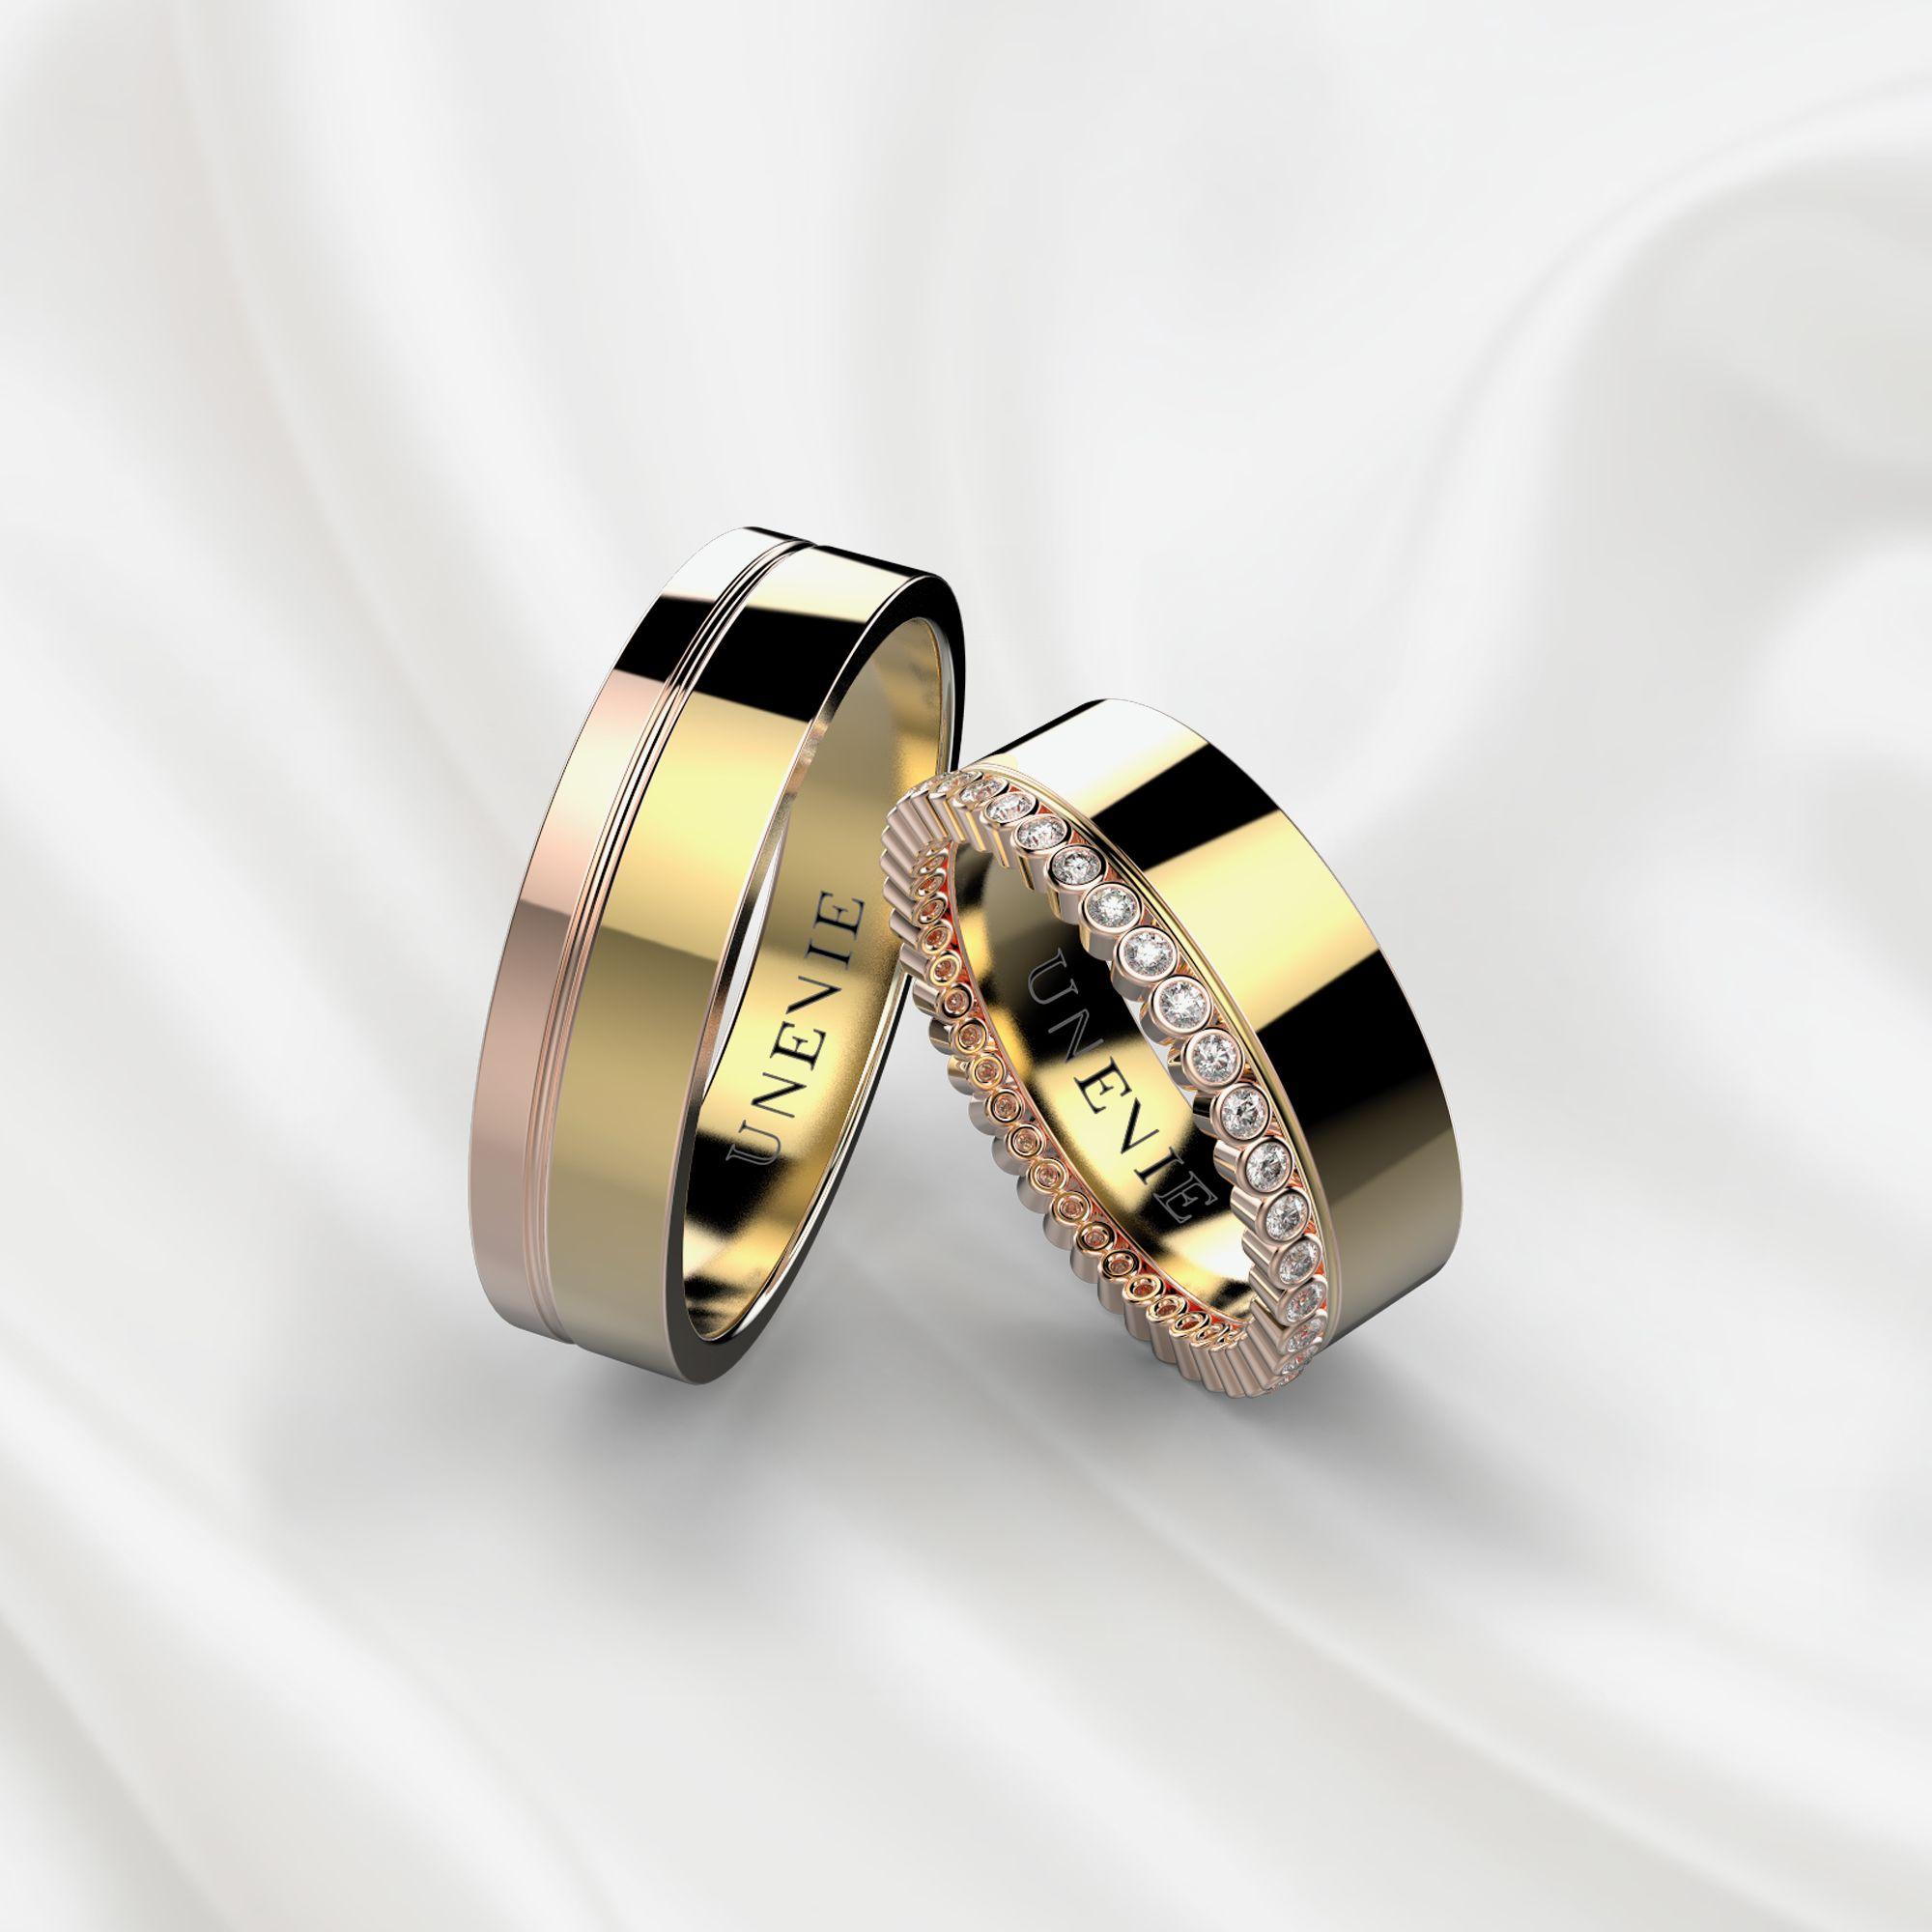 NV1 Парные обручальные кольца из розово-желтого золота с бриллиантами